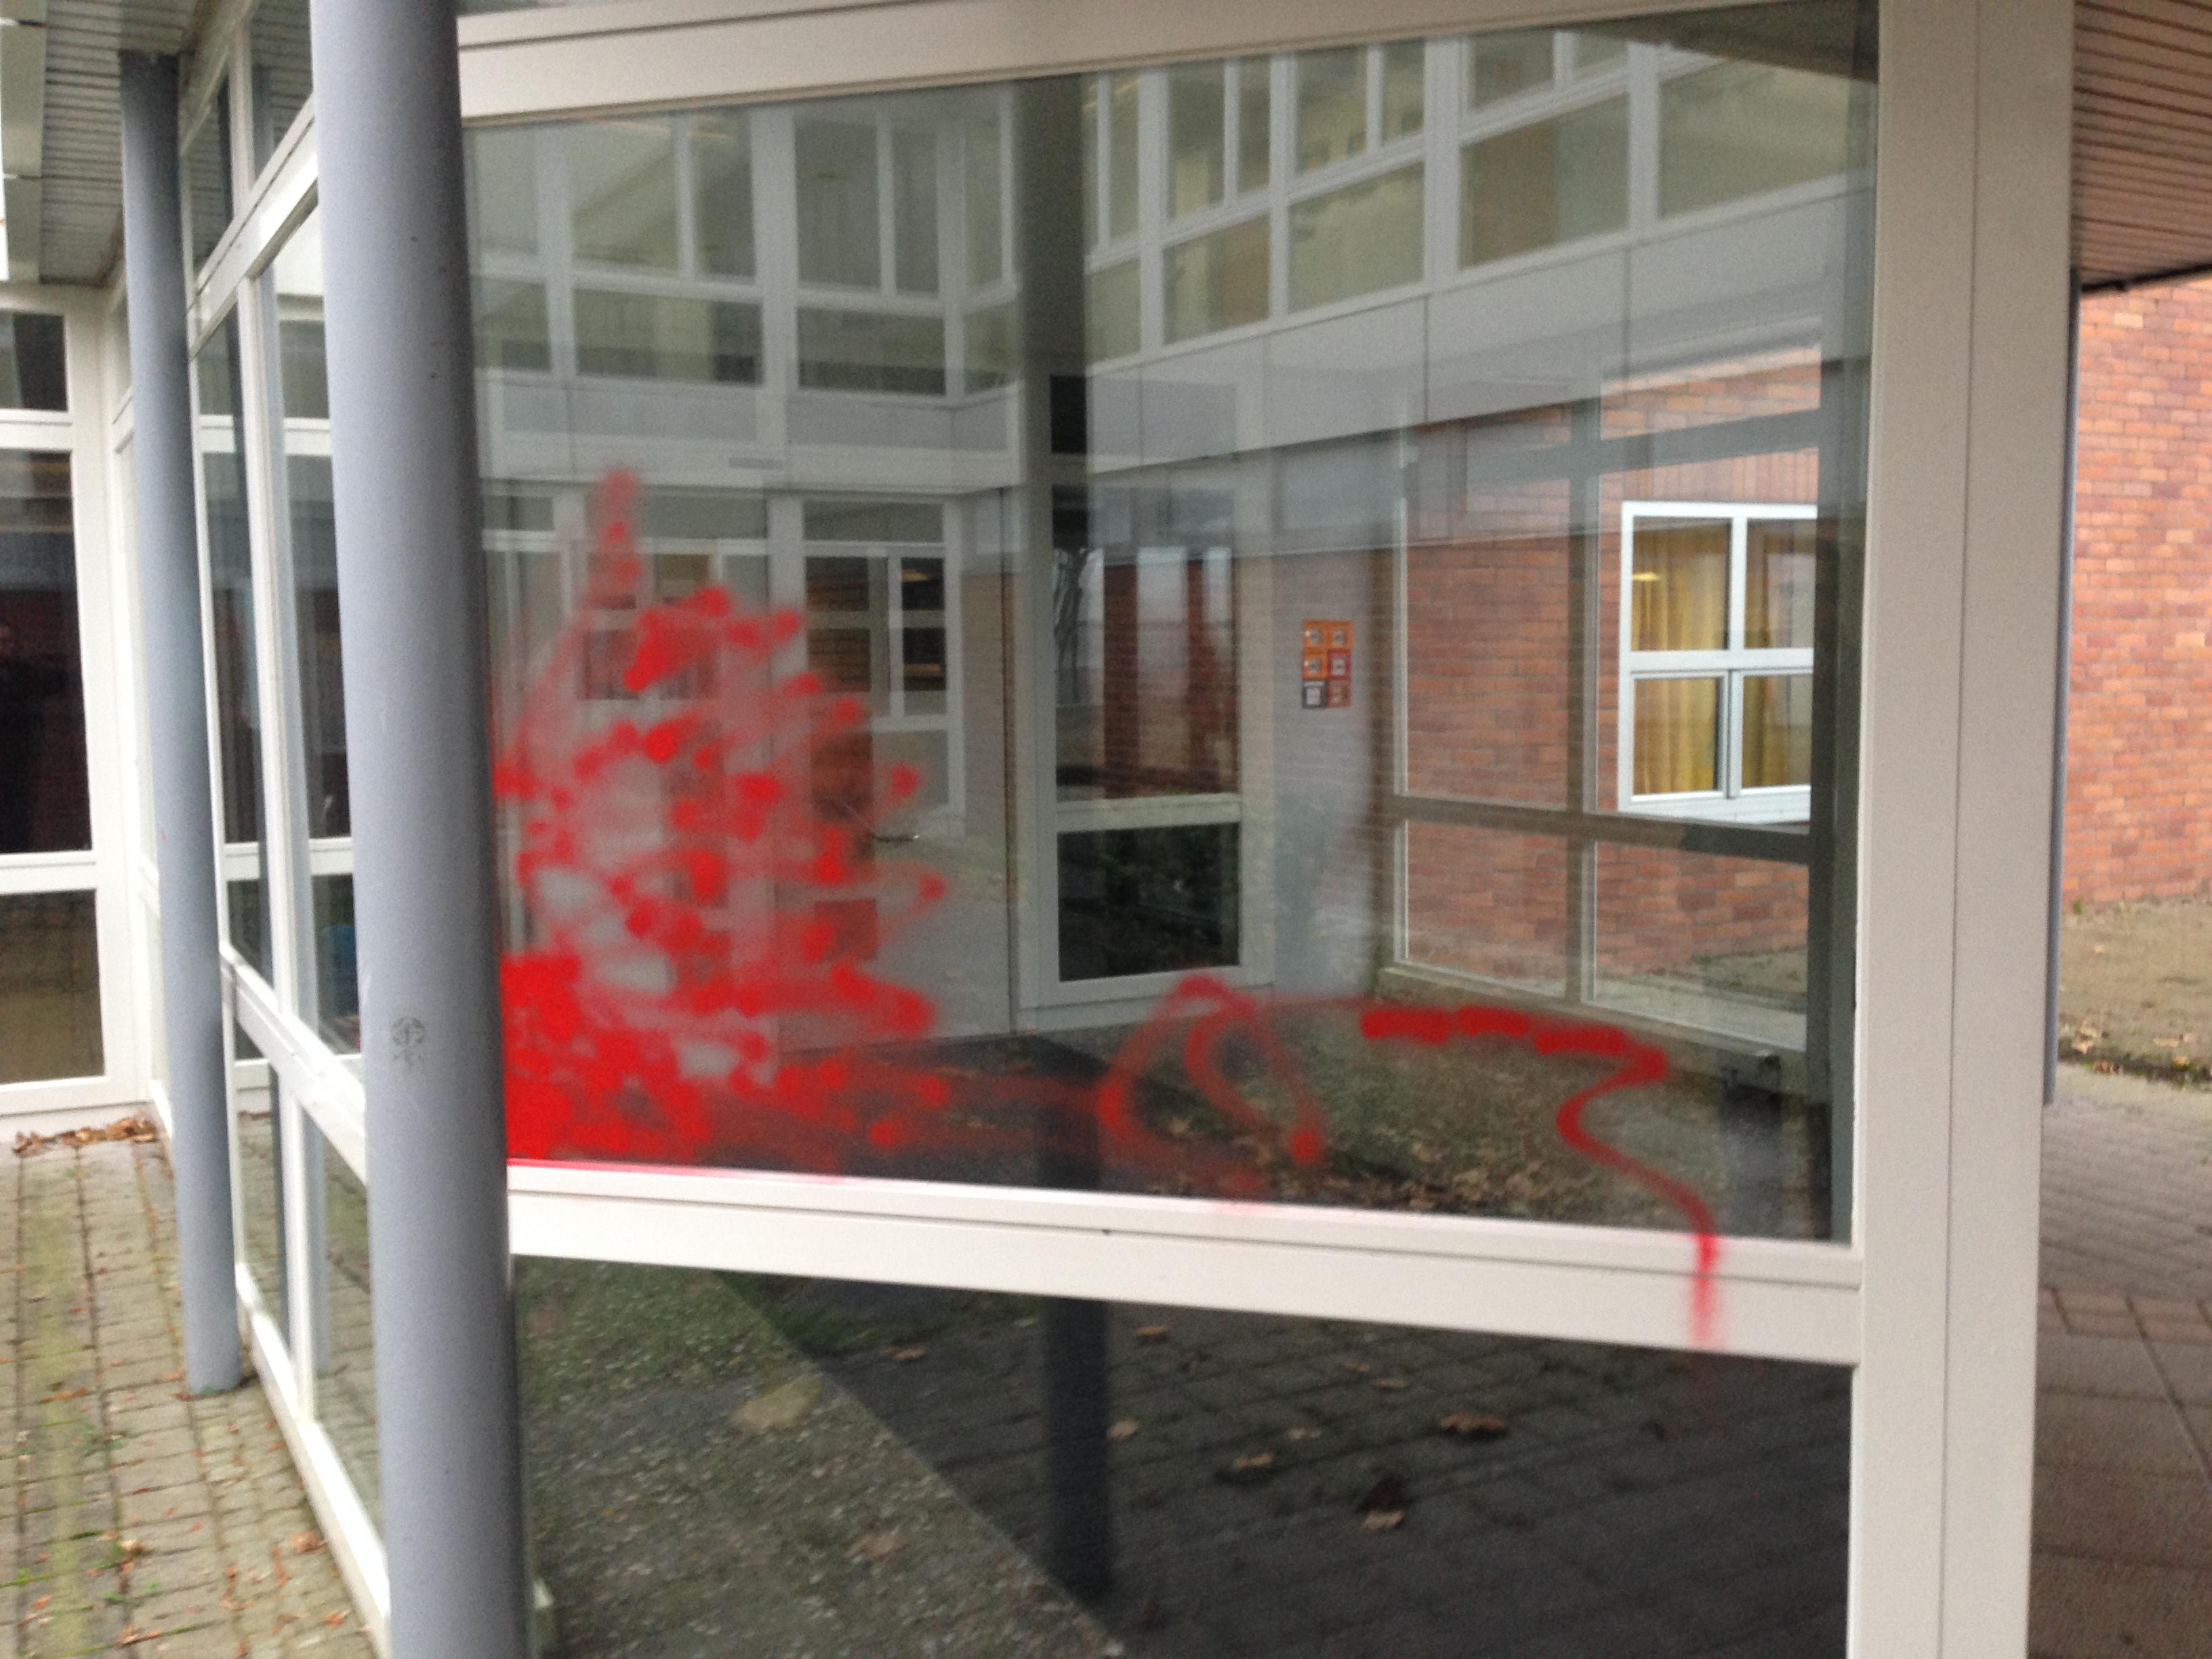 Sachbeschädigung am Schulgebäude